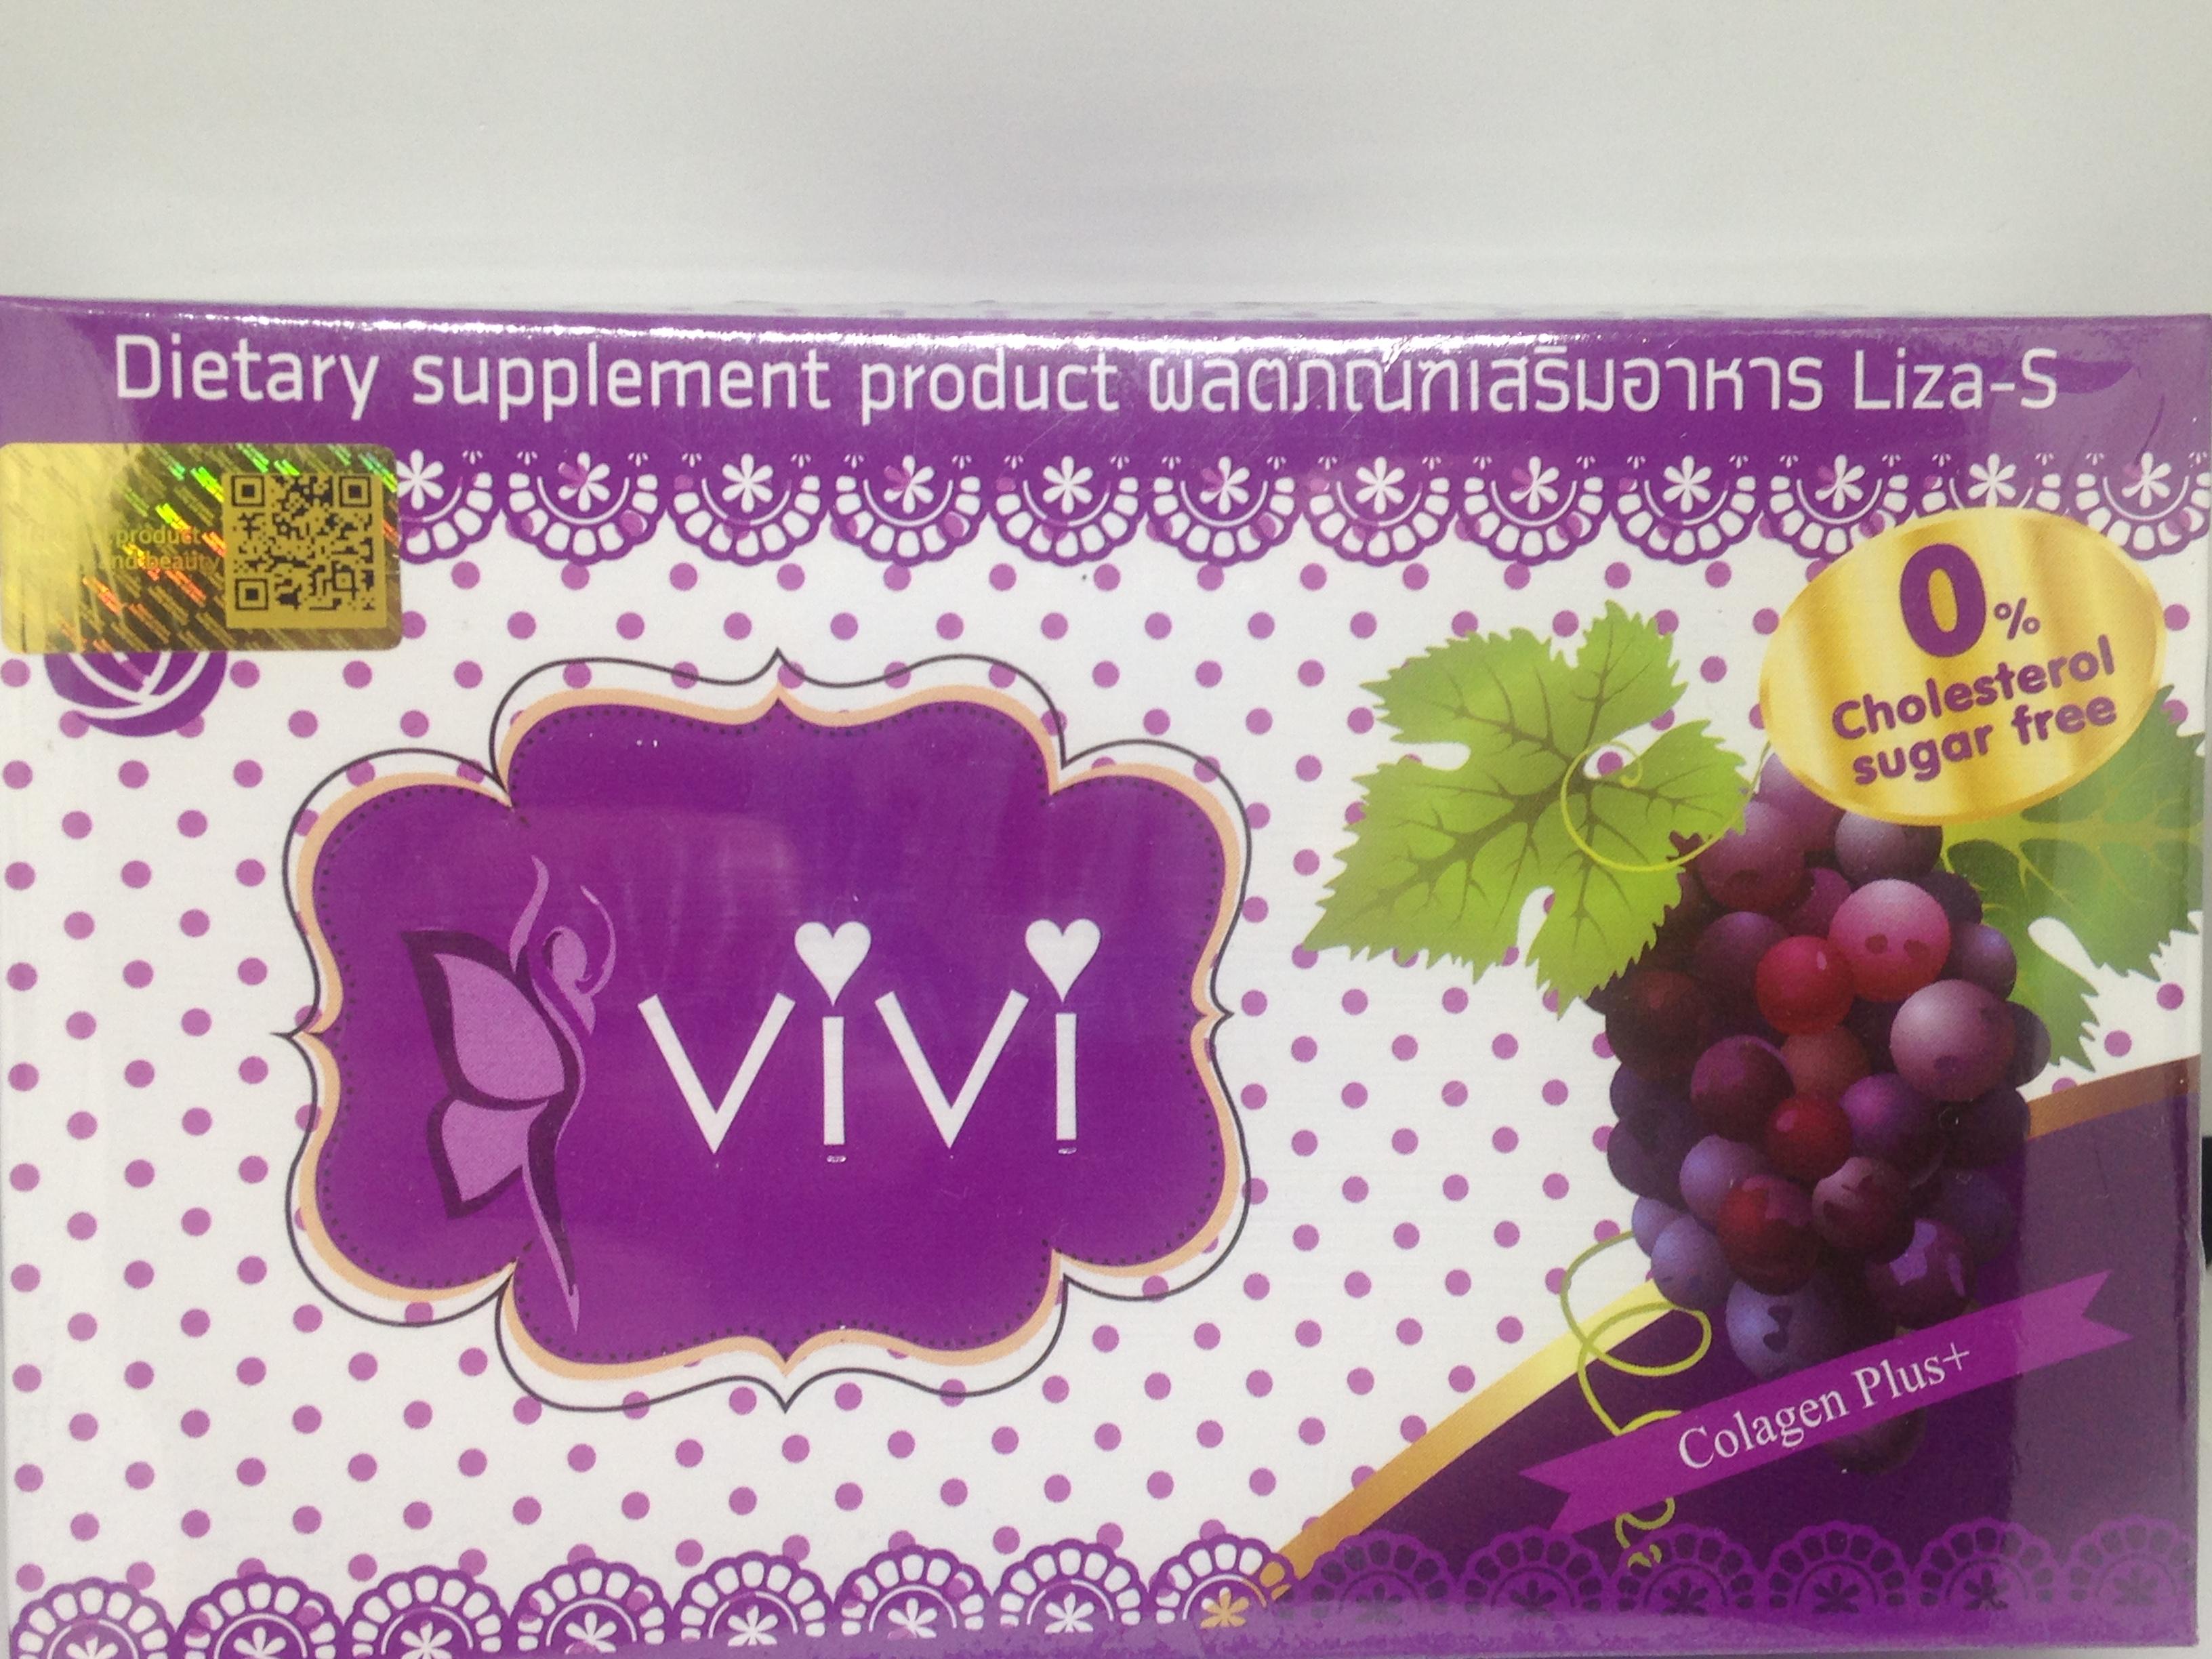 Vivi Super Burn x2 องุ่น น้ำผลไม้ลดความอ้วน 10 ซอง